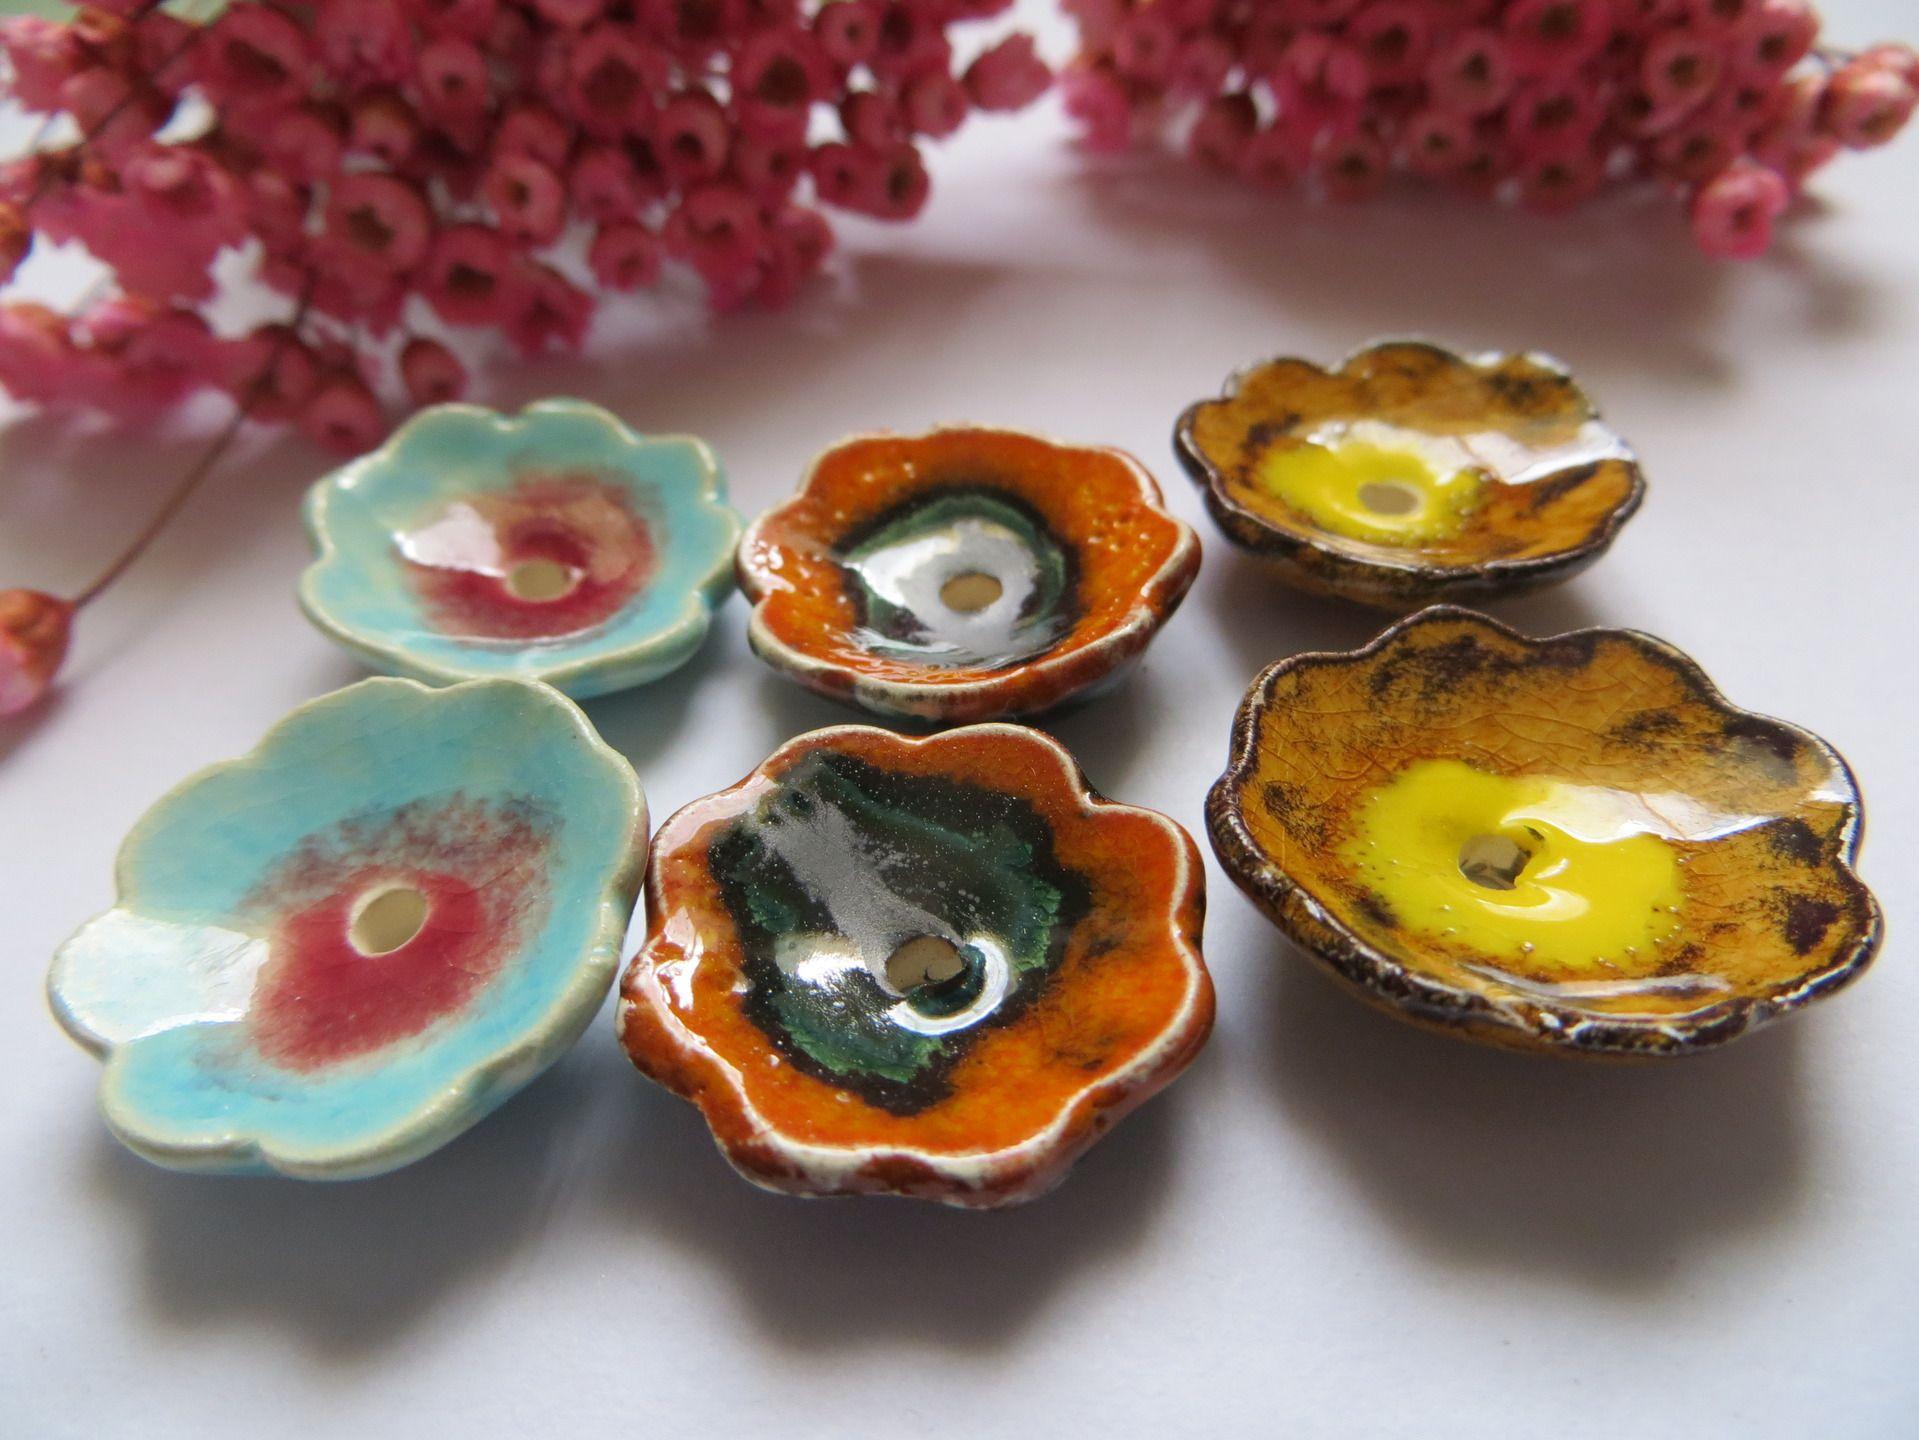 fr_3_paires_perles_fleurettes_createur_ceramique_moo_ambre_et_jaune_turquoise_et_rouge_ambre_et_jaune_